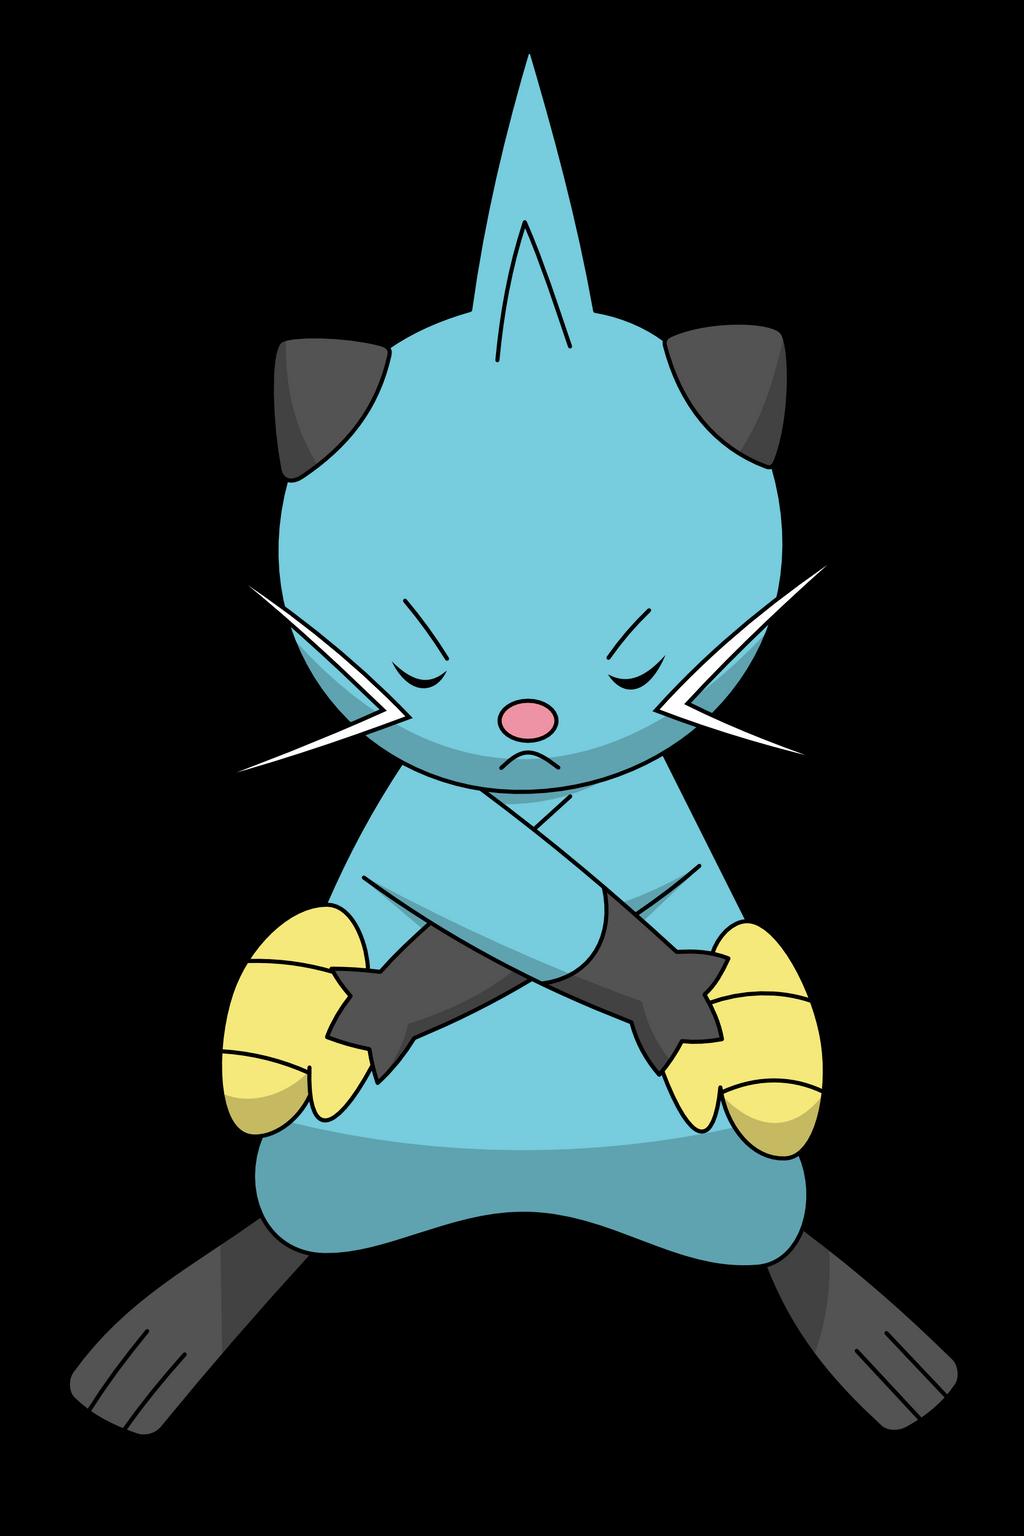 dewott pokemon shiny - photo #22